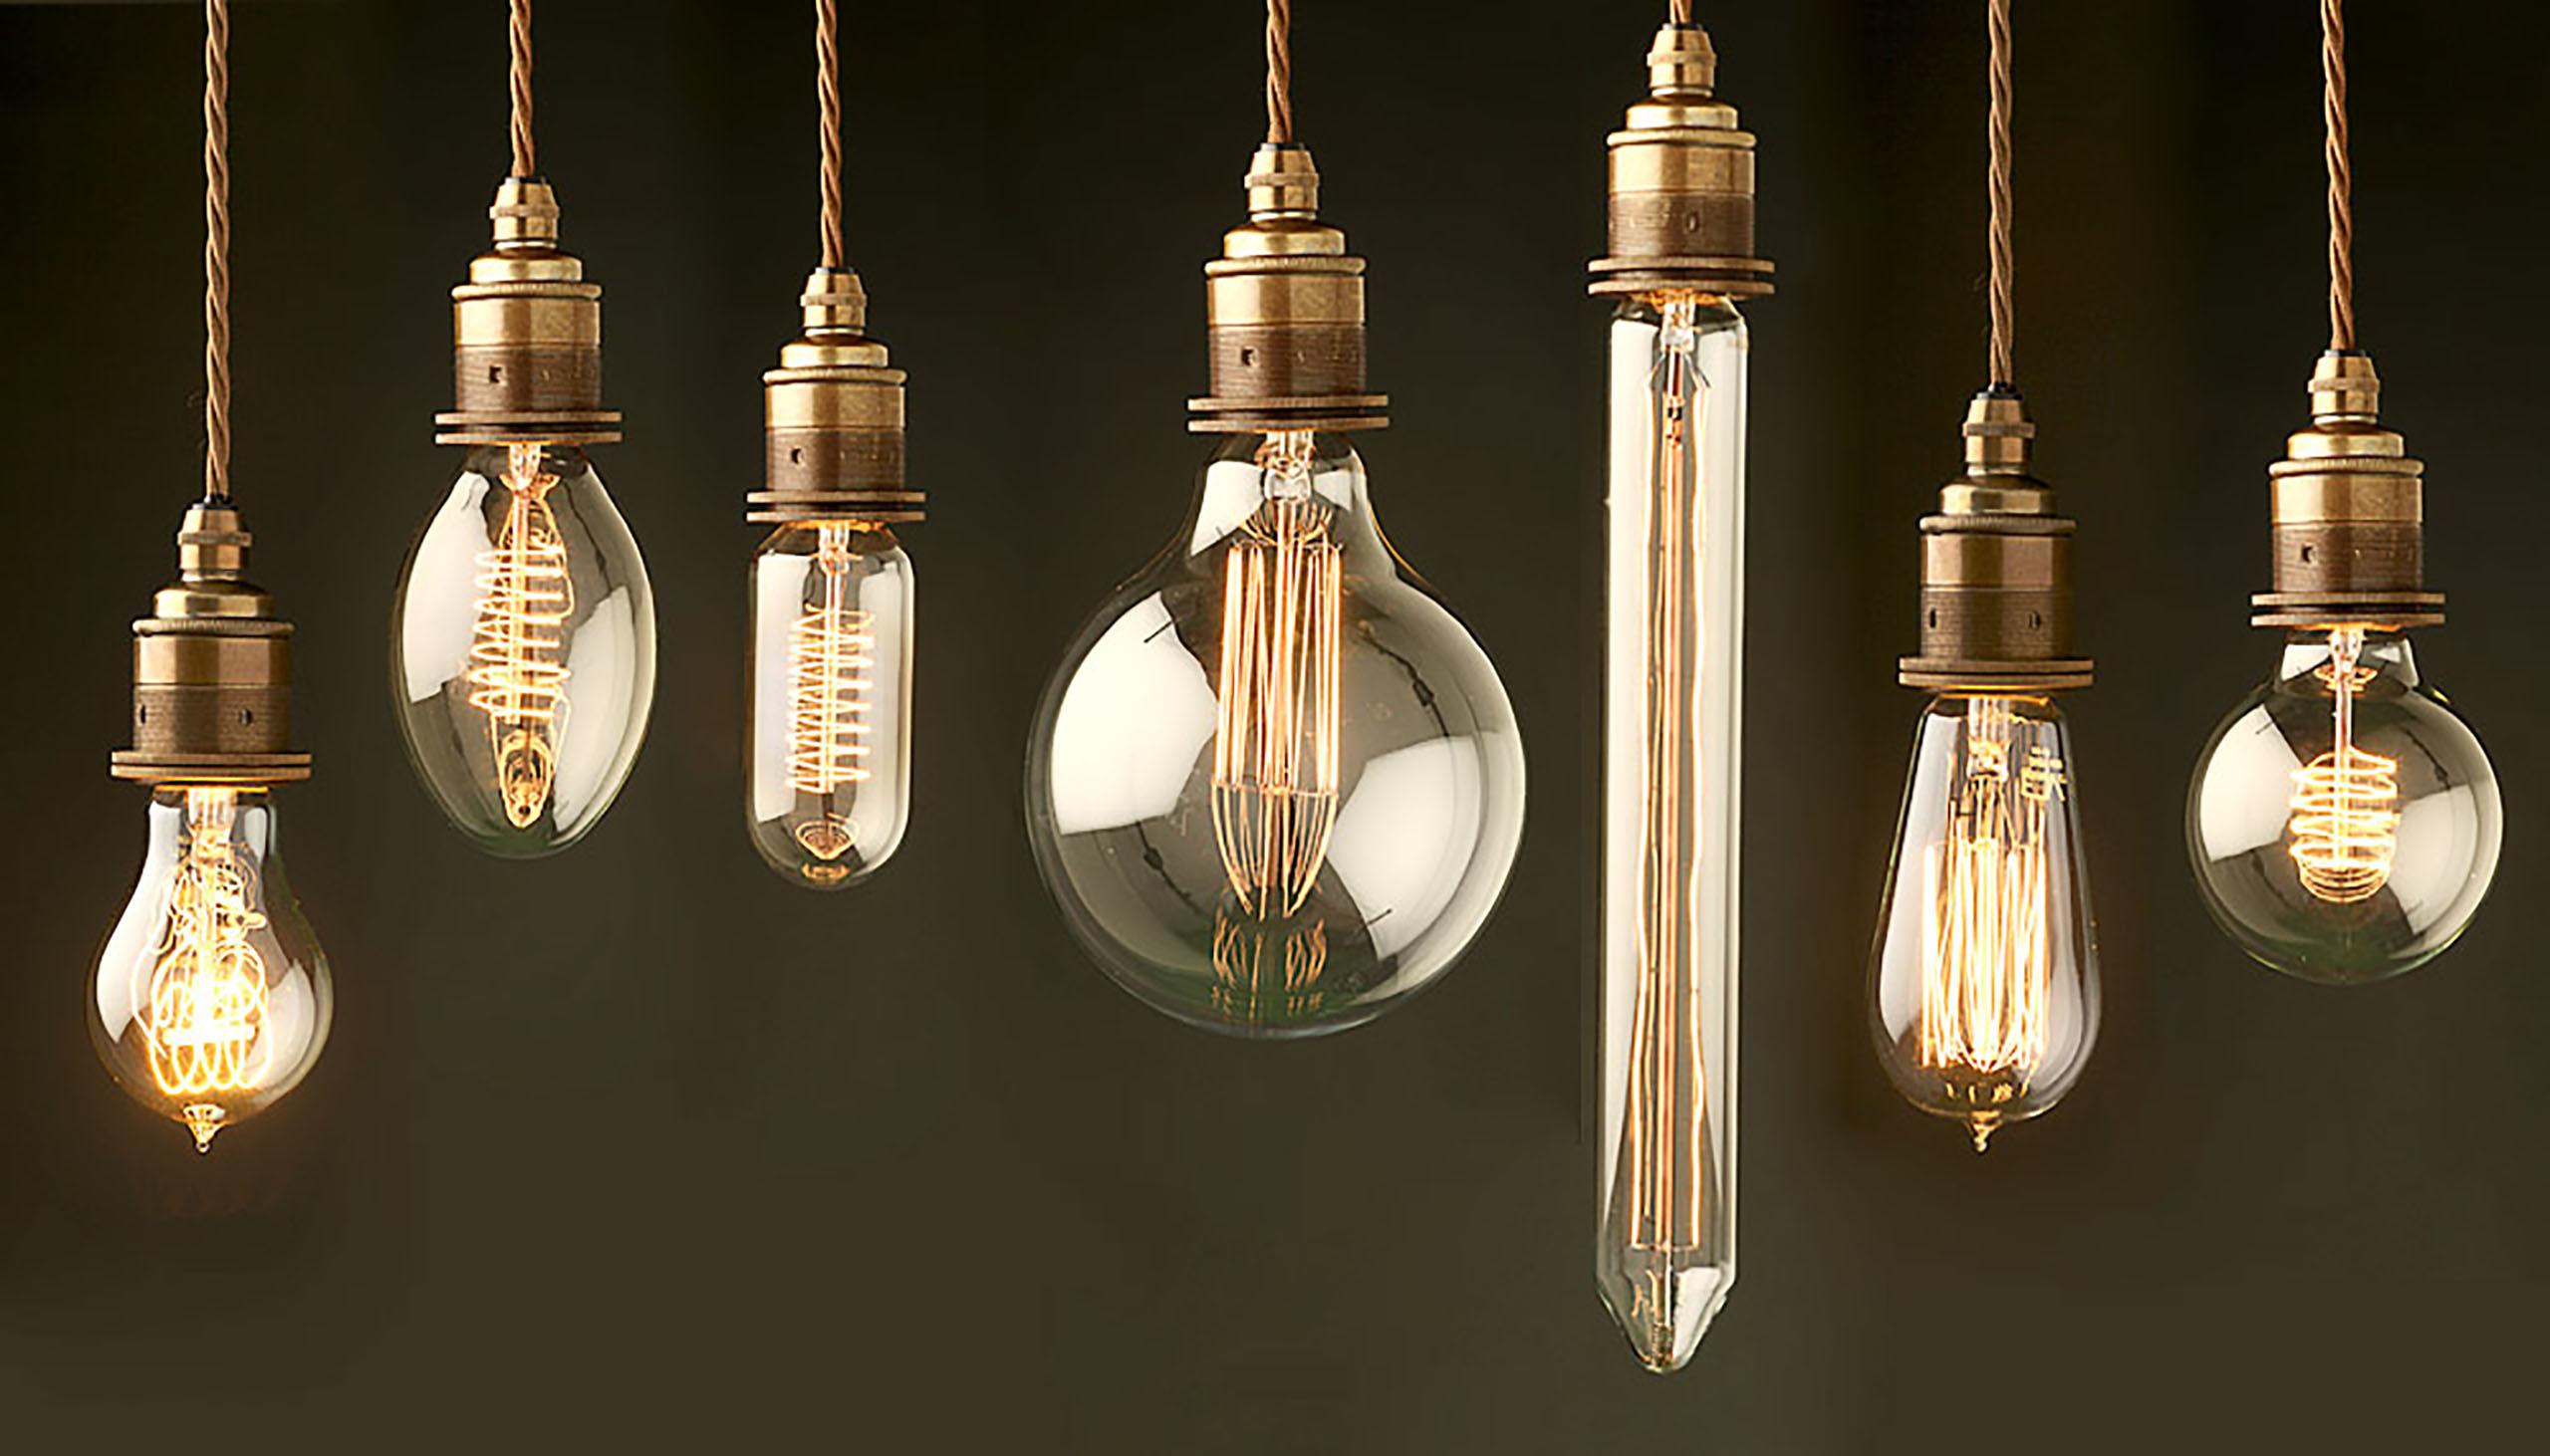 Лампа Эдисона (101 фото): светодиодная в стиле «ретро», красивые светильники и люстры с лампочкой в интерьере, история